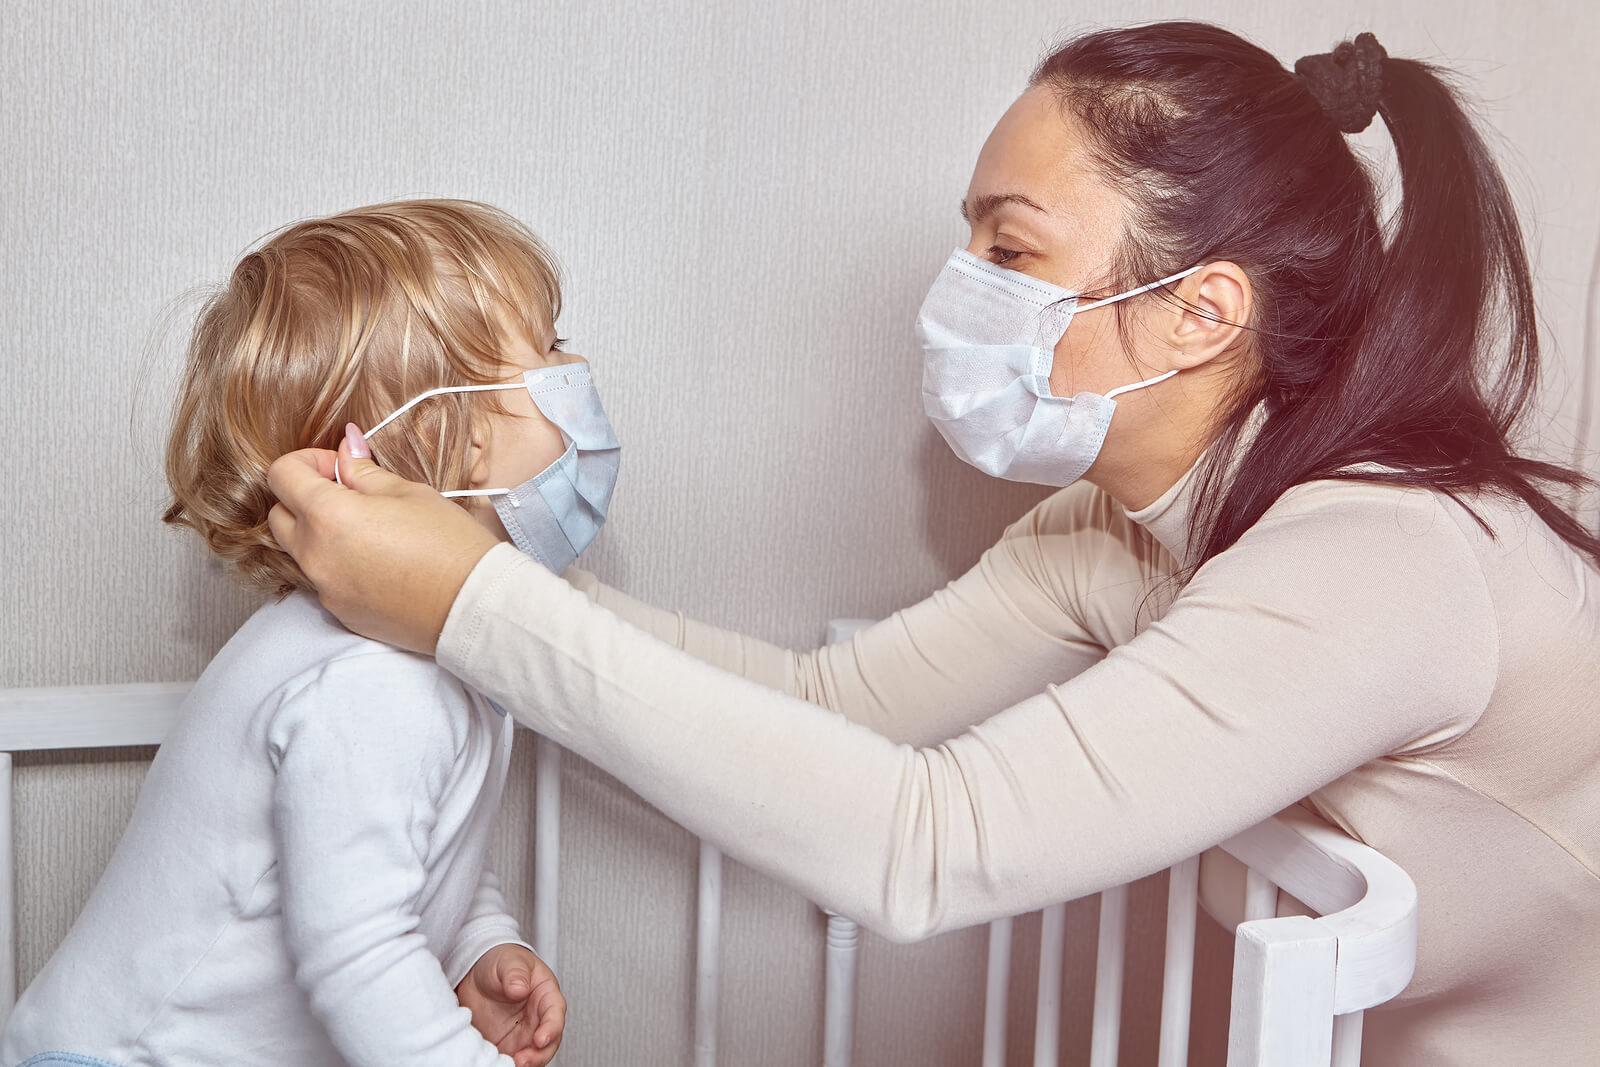 Μάθετε πώς να προστατευτείτε από τον COVID-19 - Health & Beauty Blog |  Pharm24.gr